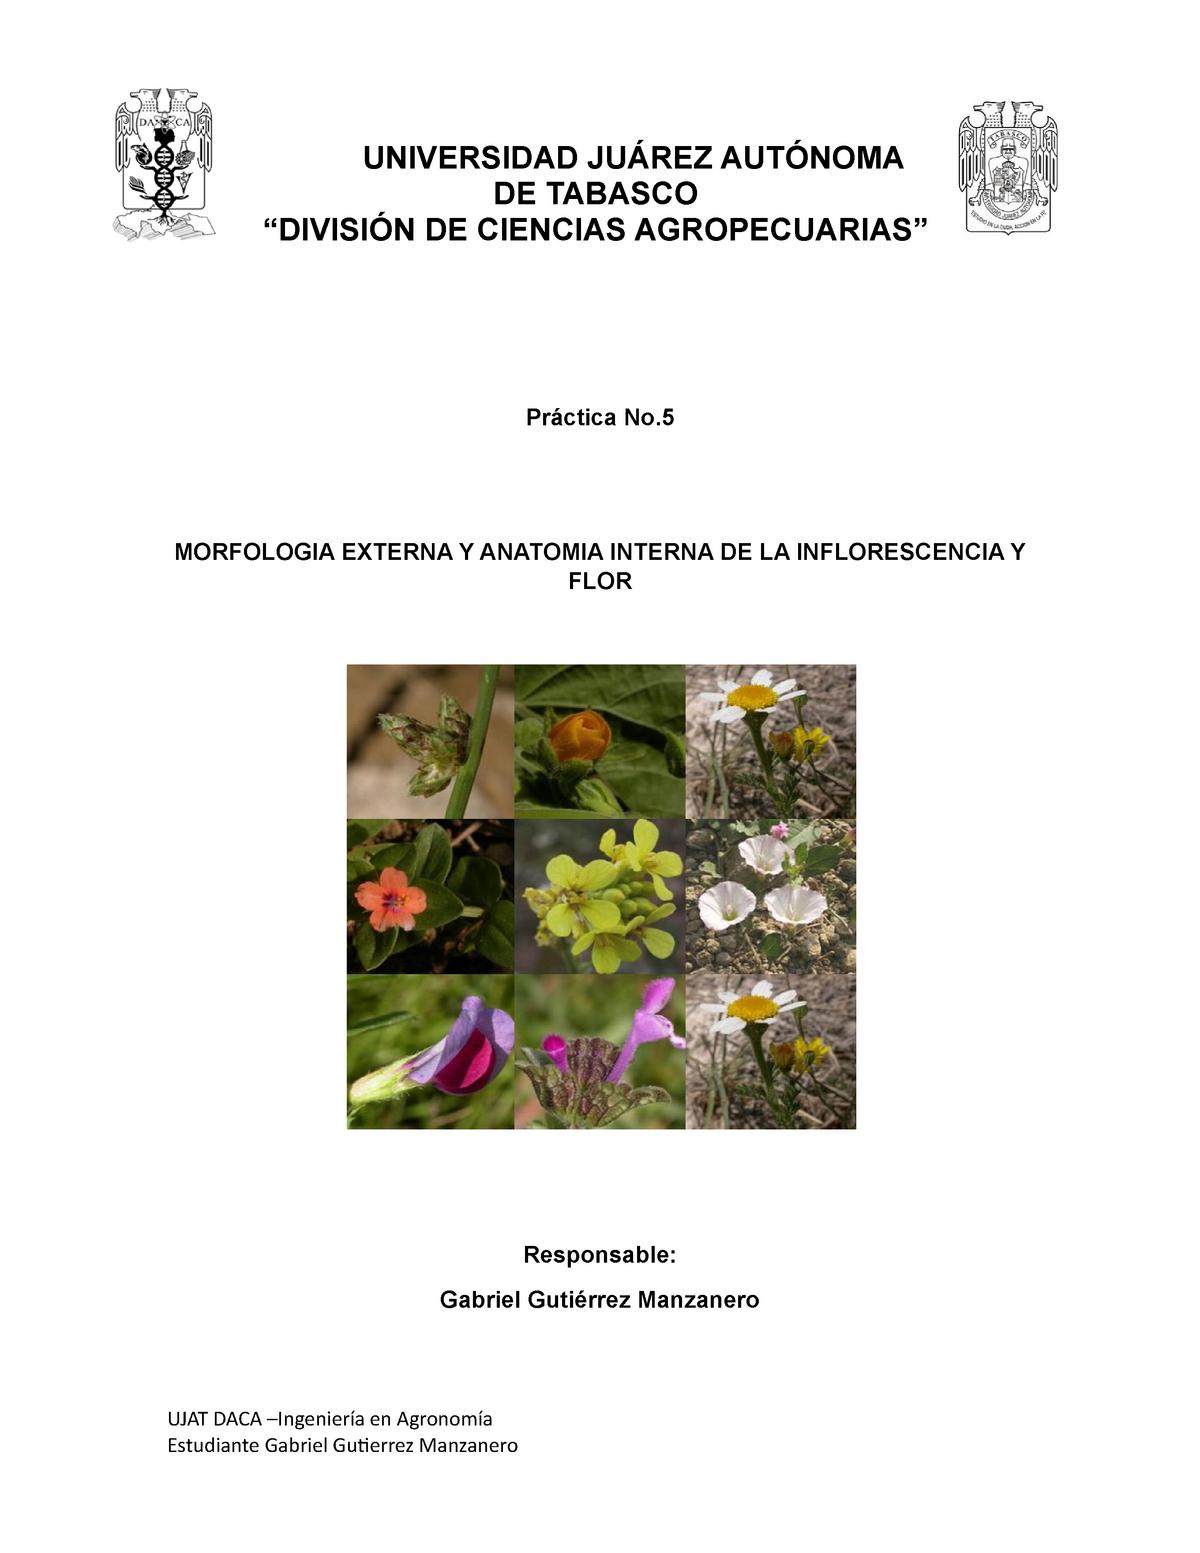 Practica 5 Botanica Morfología Externa Y Anatomía Interna